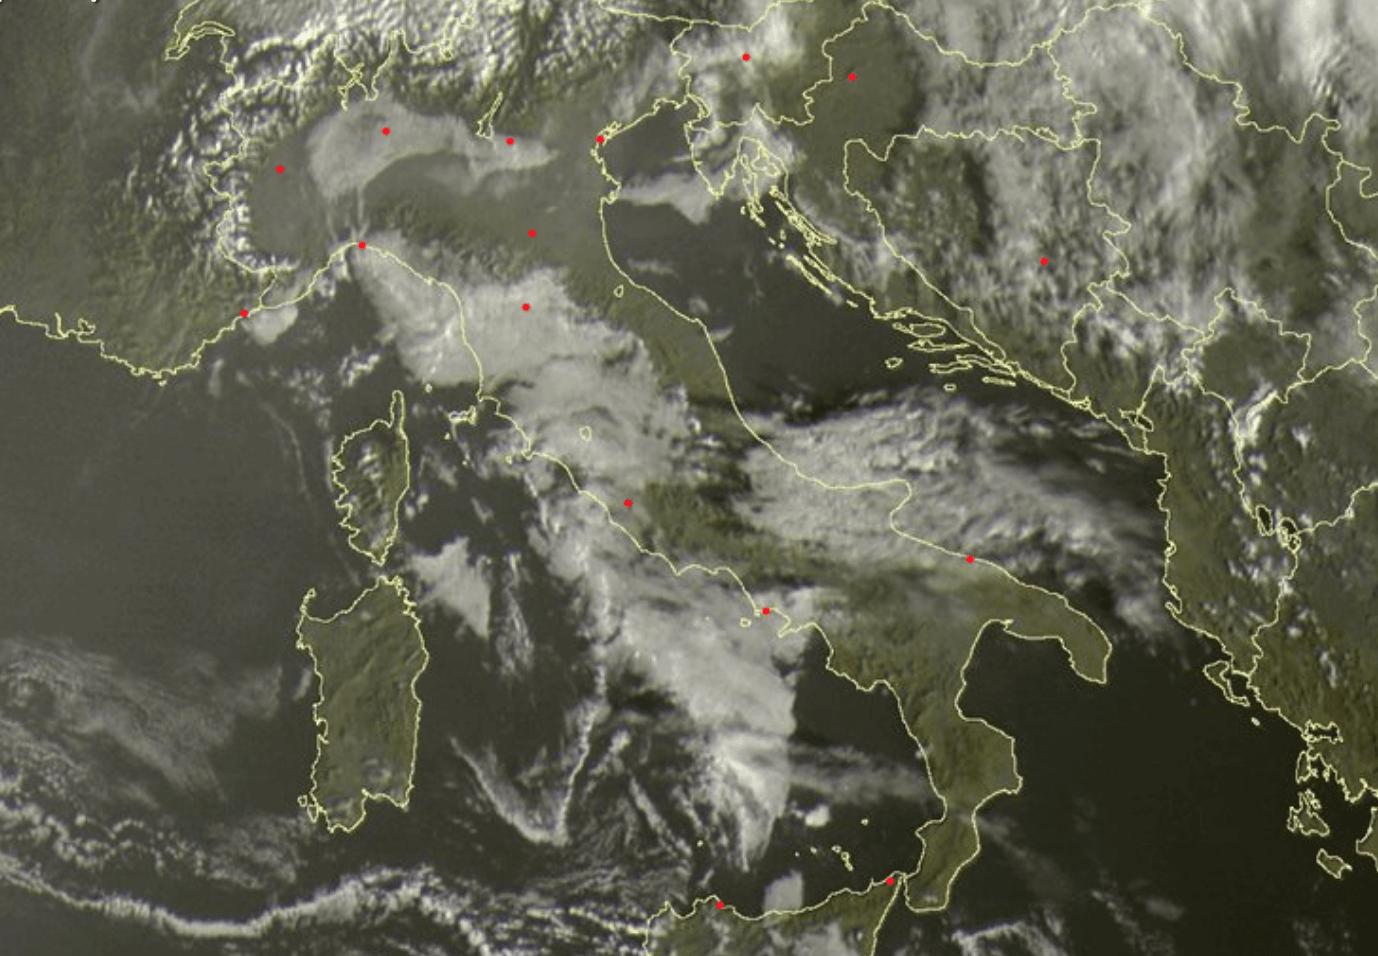 Previsioni meteo oggi: alta pressione, tra nubi basse e cieli sereni